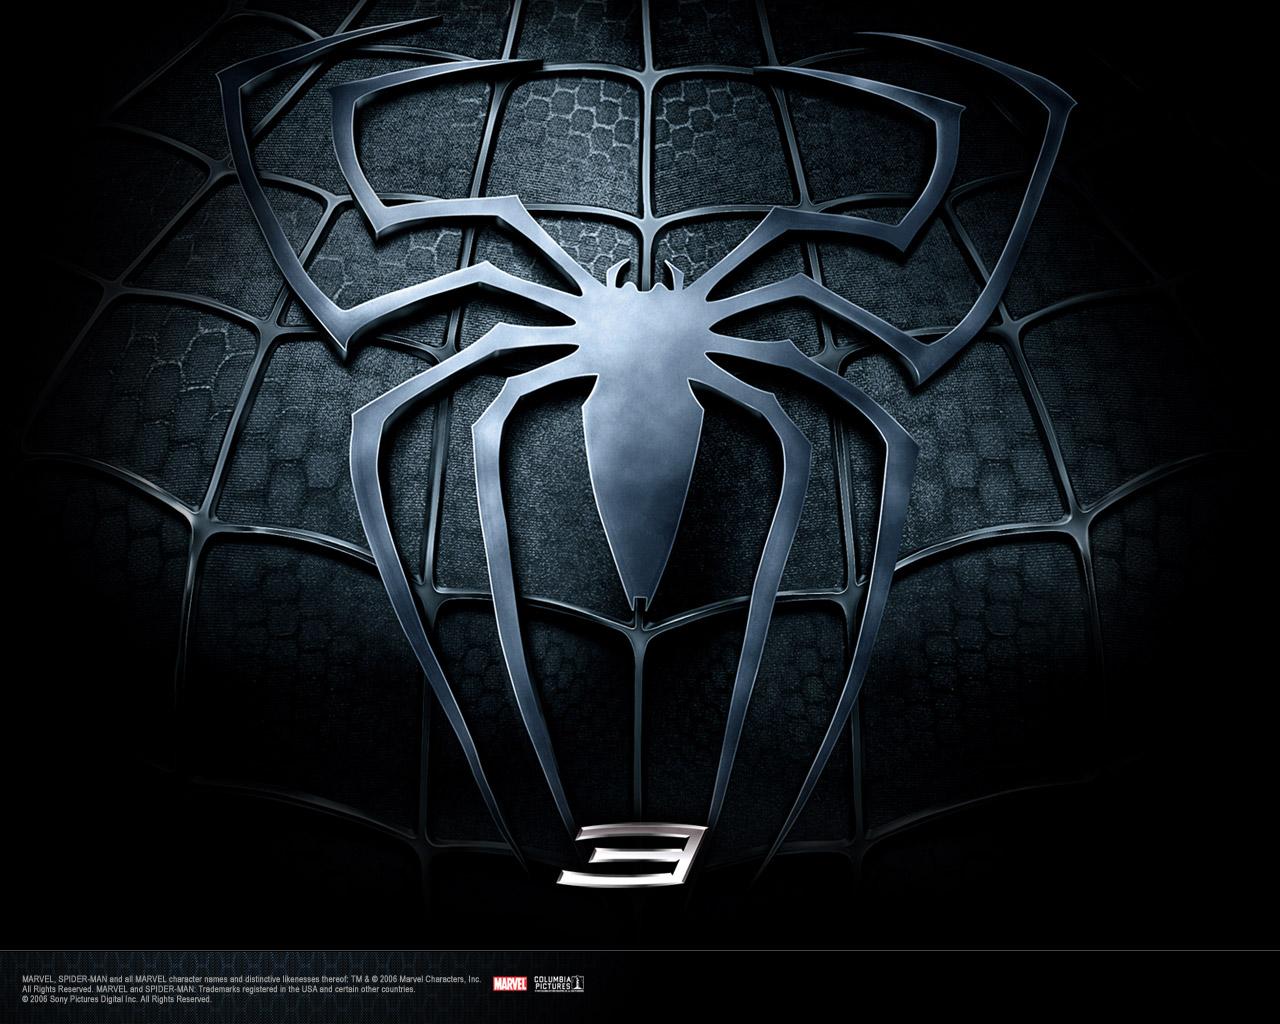 http://3.bp.blogspot.com/_3sU0MnRawMI/TSCyQZh3v5I/AAAAAAAADgQ/LBEd-7ZHXnQ/s1600/spiderman%2Bwallpaper%2B2.jpg